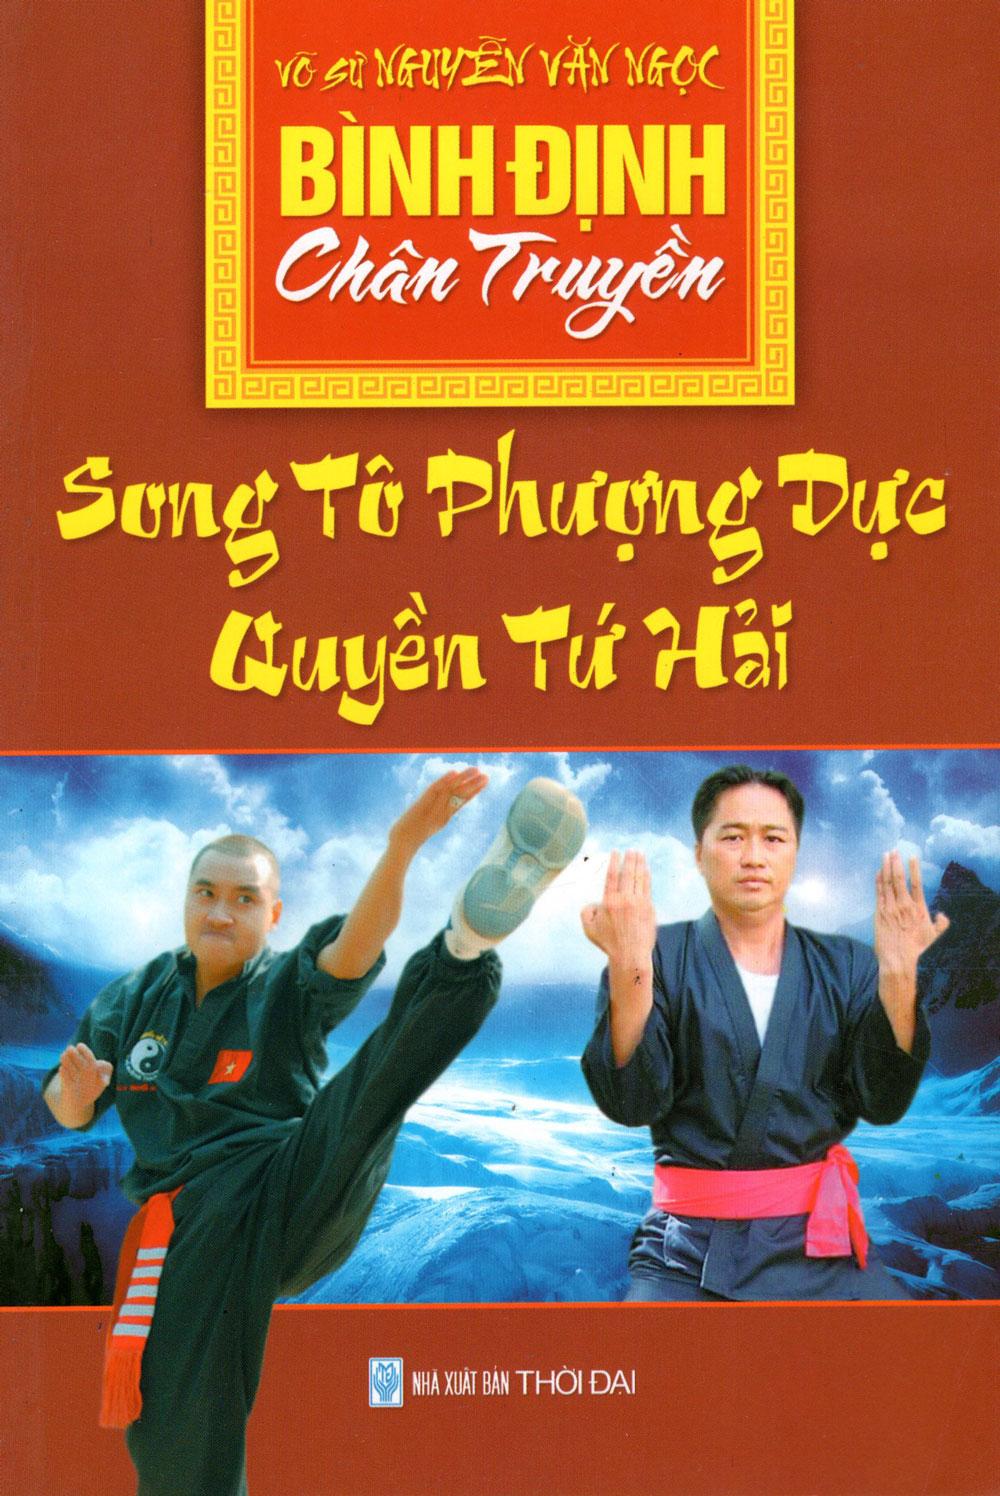 Bìa sách Bình Định Chân Truyền (Tập 2) - Song Tô Phượng Dực Quyền Tứ Hải